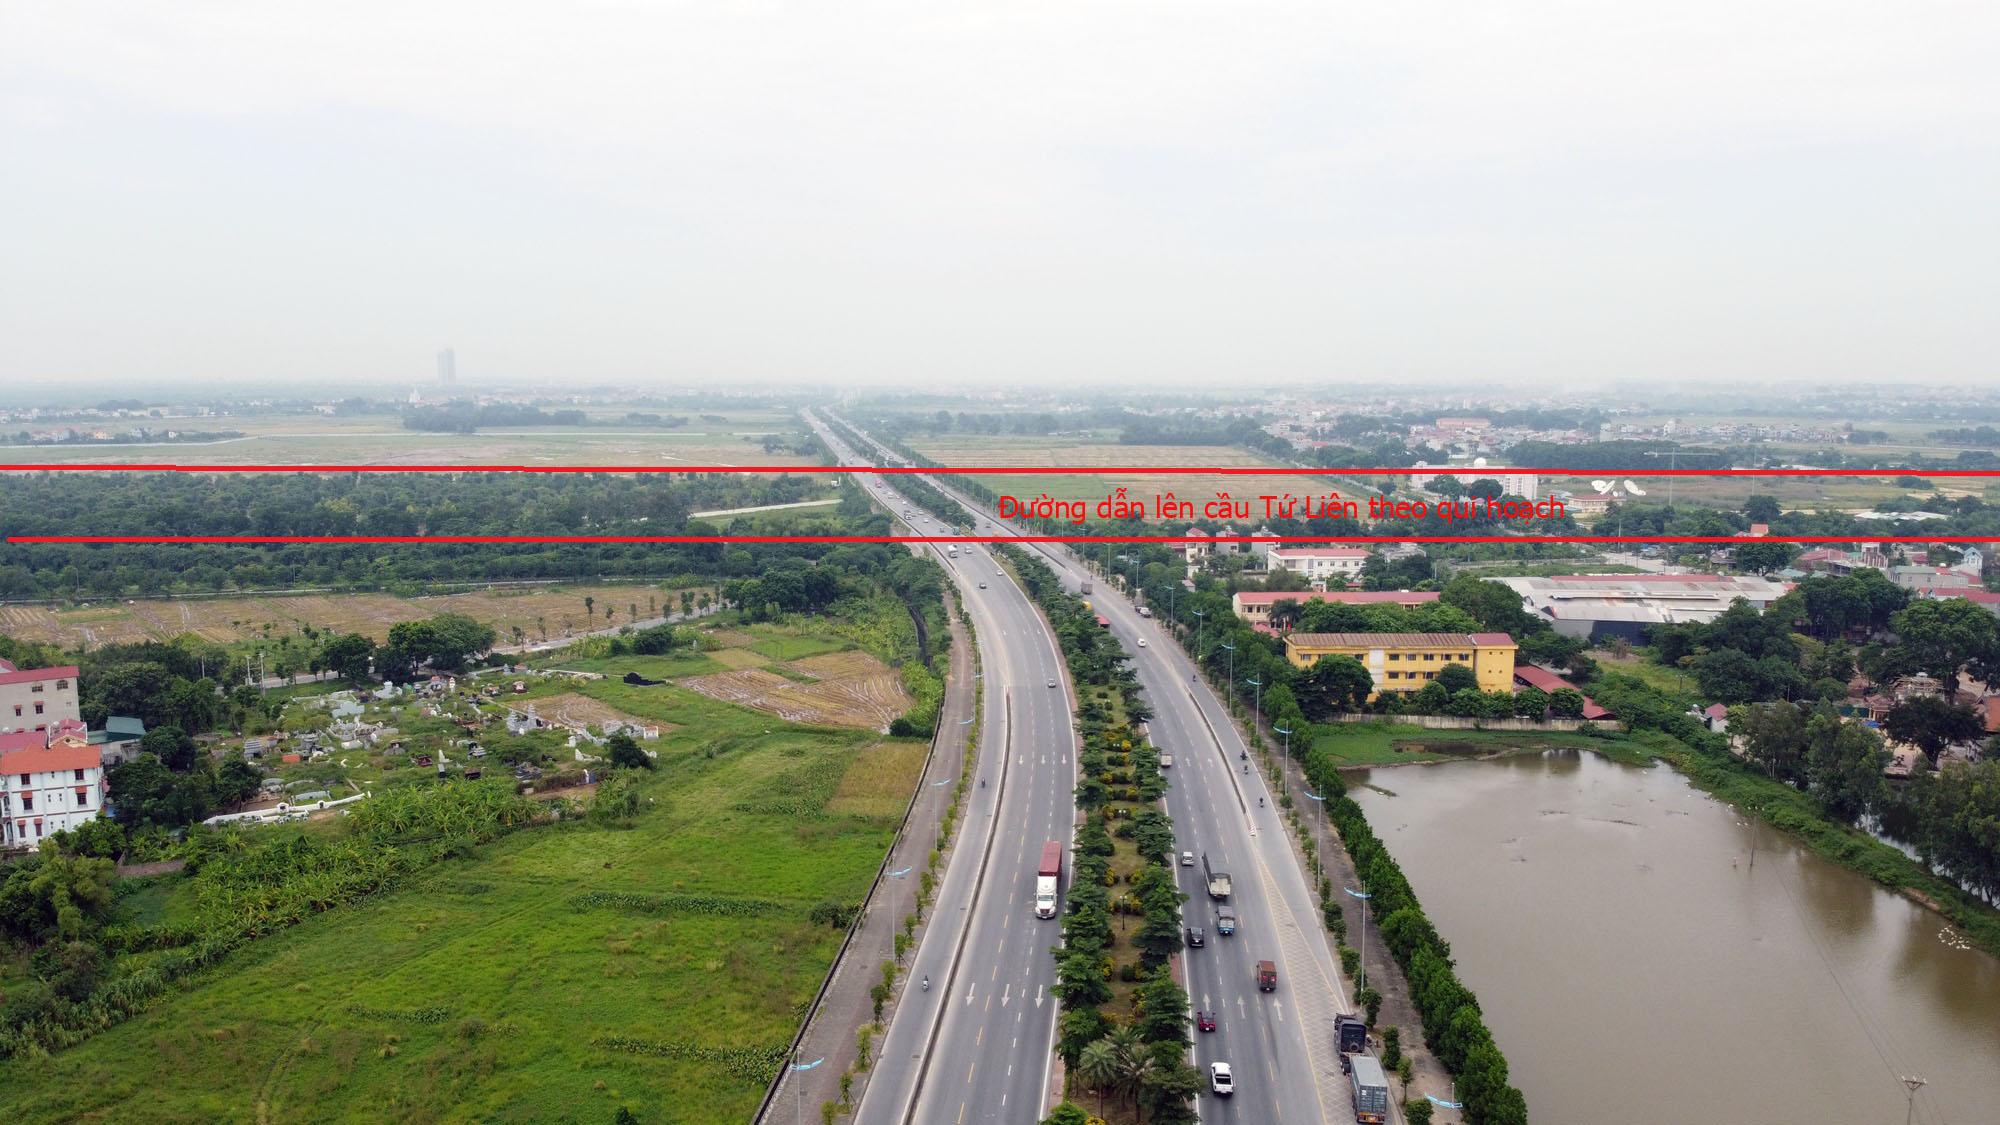 Dự án Eurowindow River Park đang mở bán: Cửa ngõ Đông Bắc Hà Nội, view hai sông lớn - Ảnh 15.